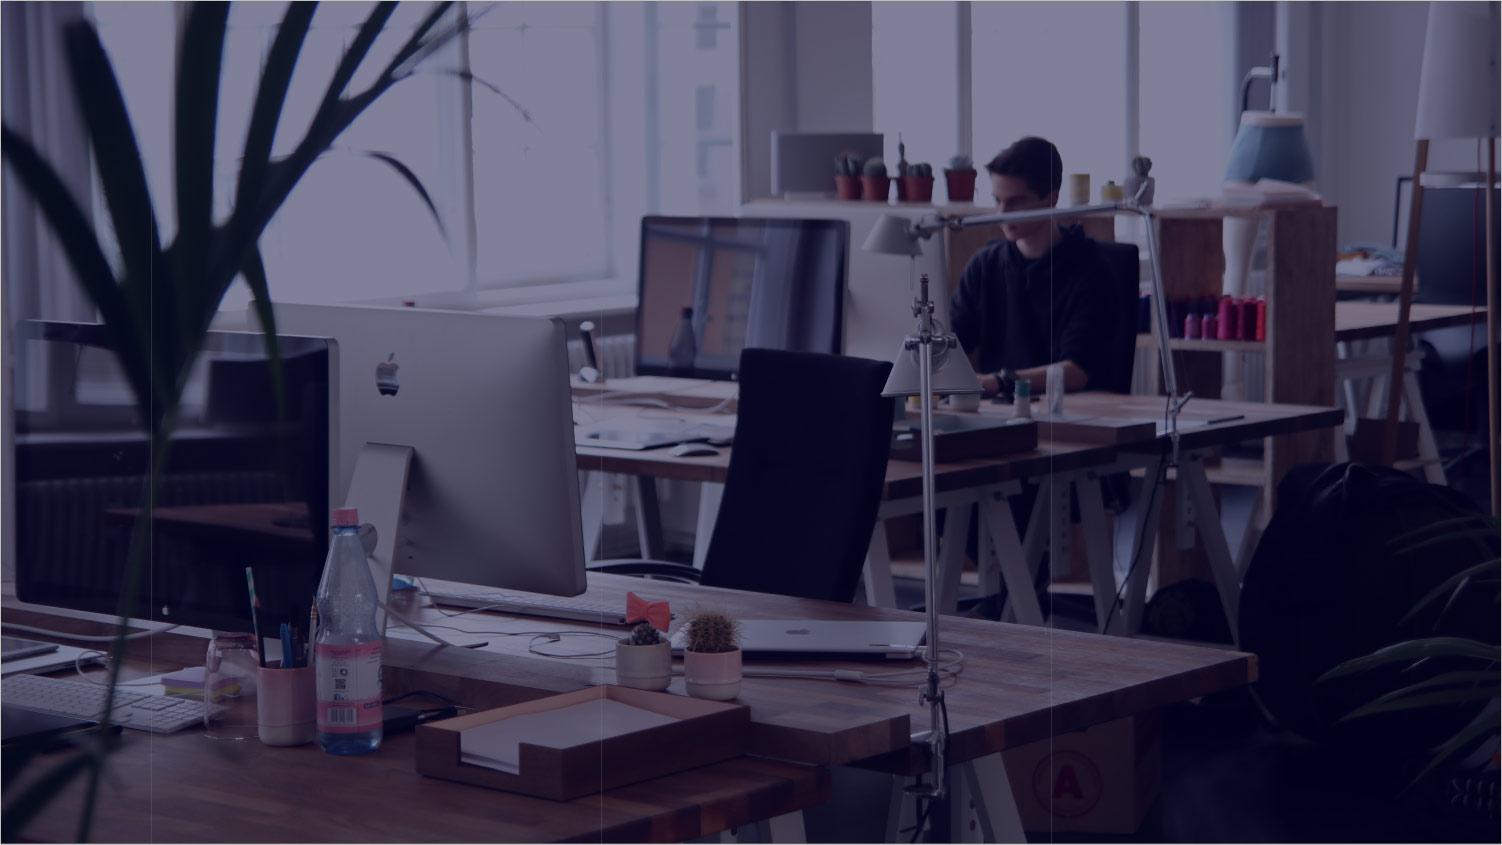 man_alone_office._blue.min.jpg